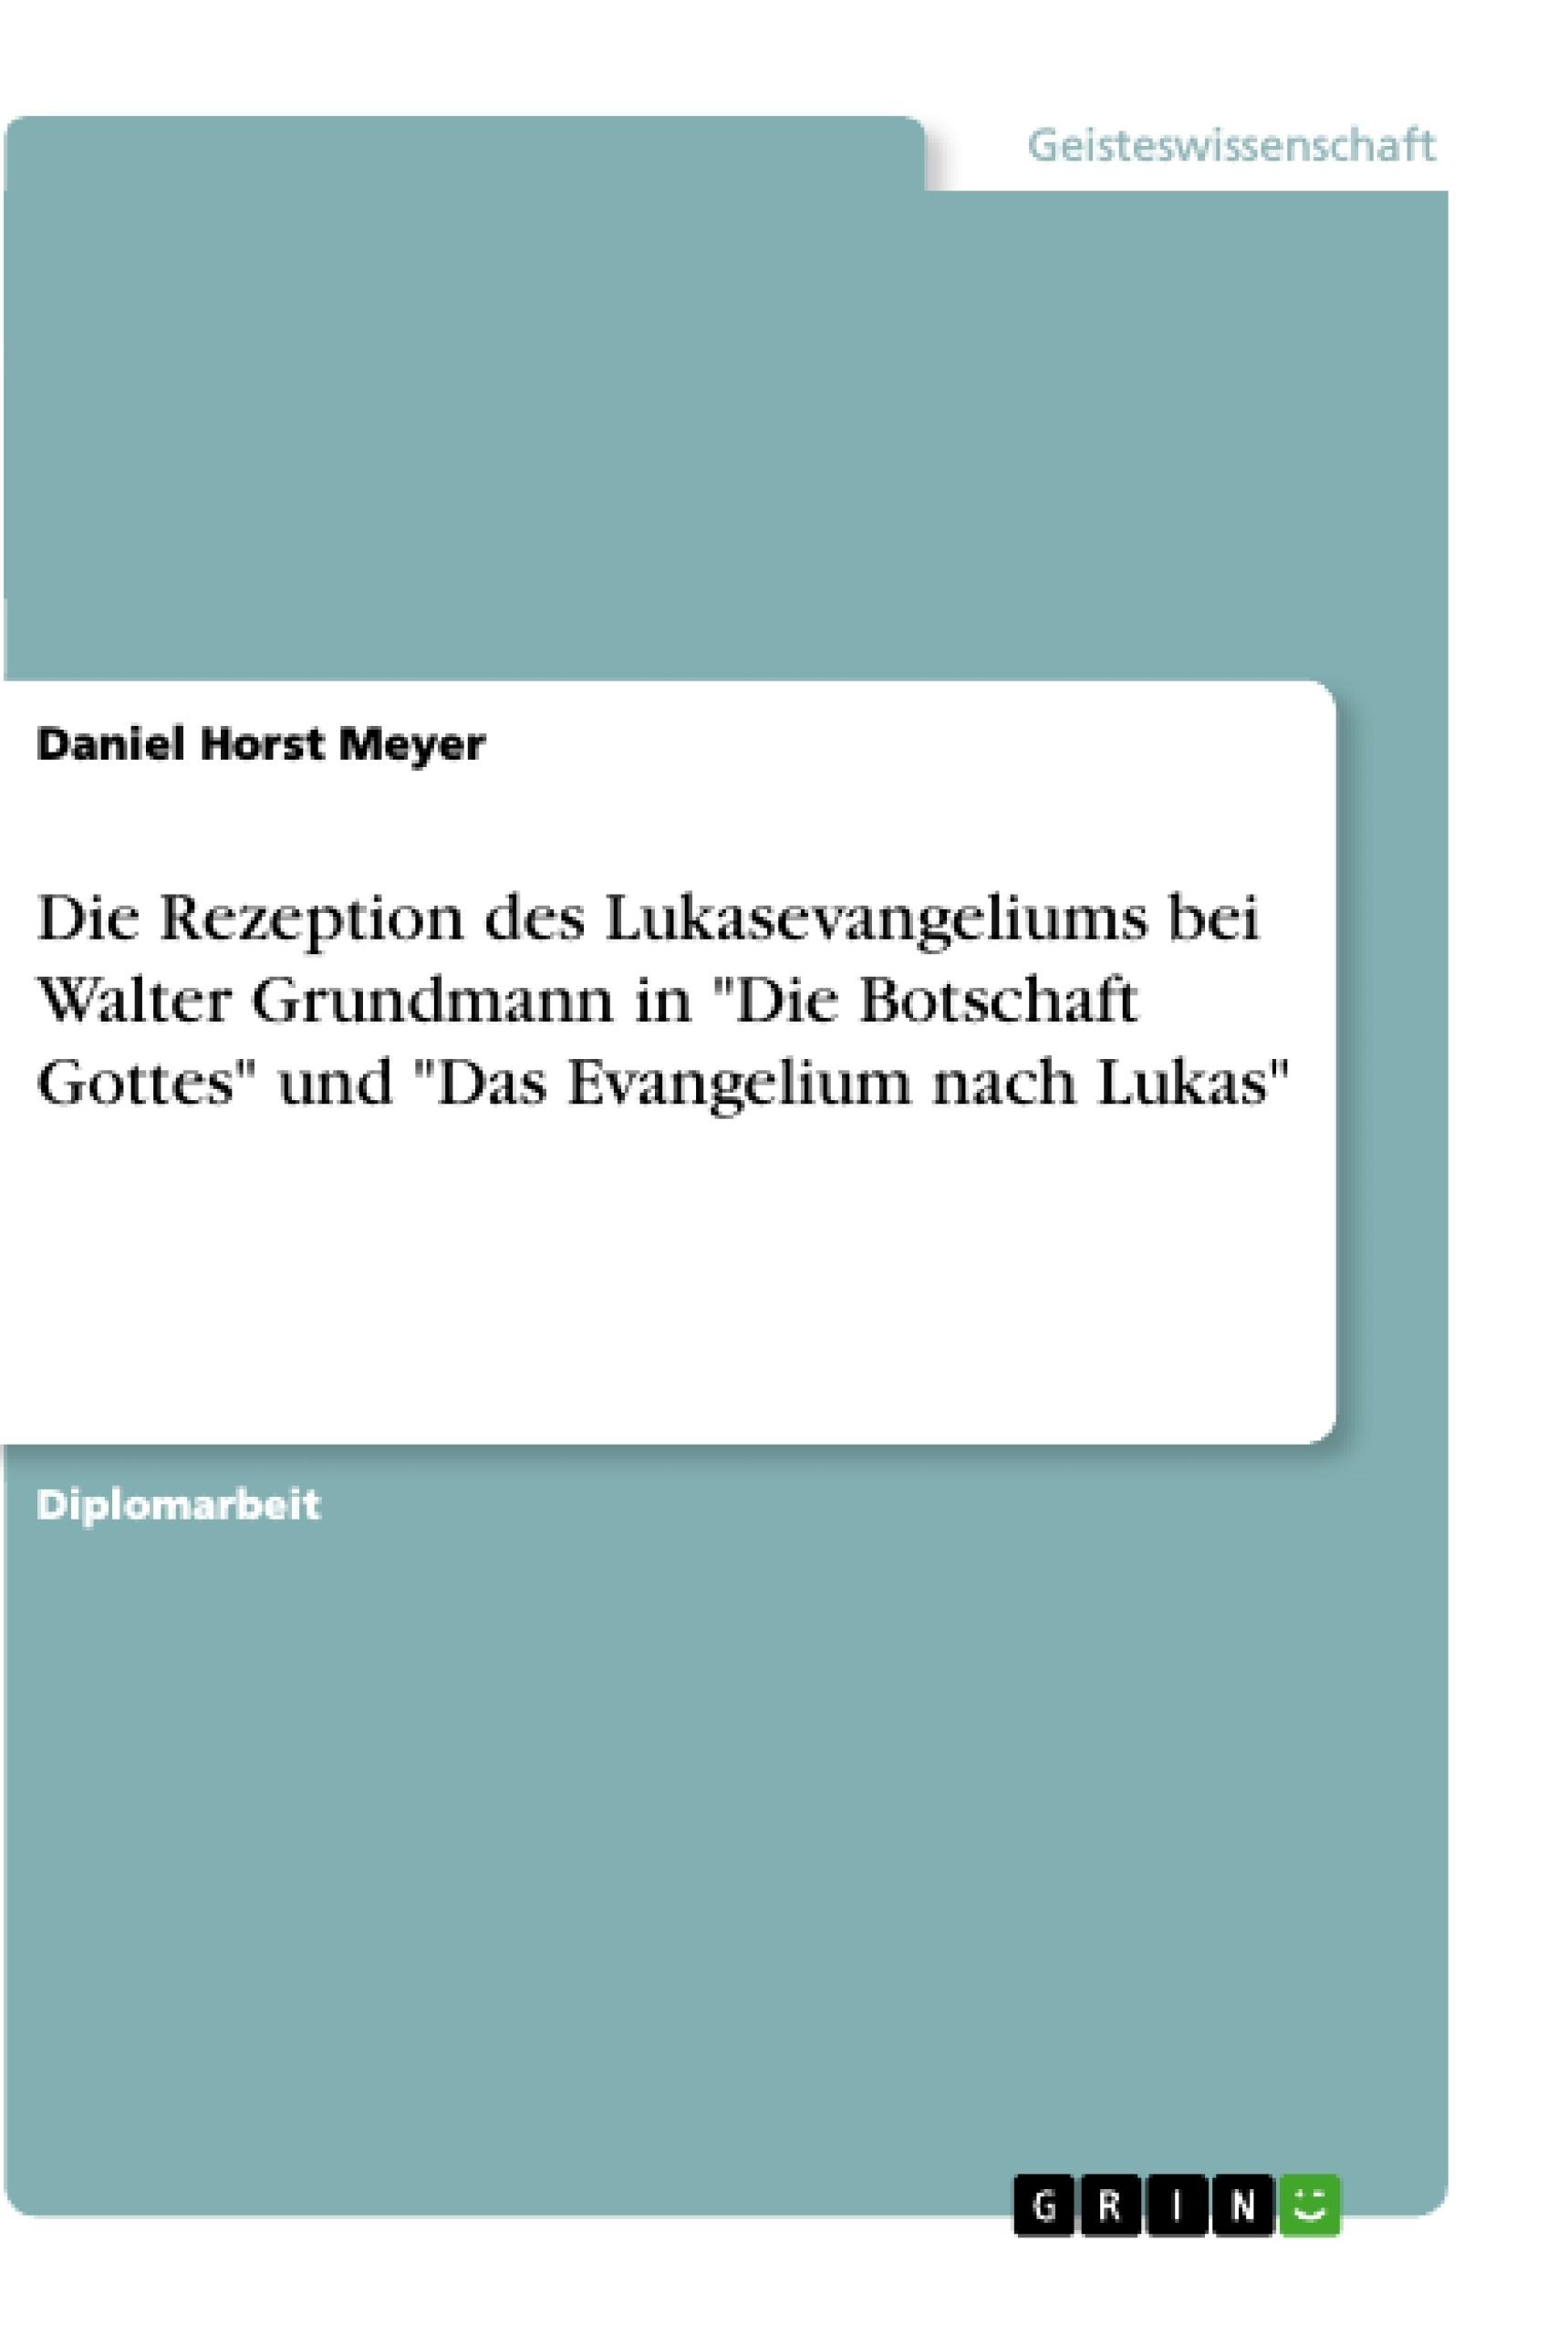 """Titel: Die Rezeption des Lukasevangeliums bei Walter Grundmann in """"Die Botschaft Gottes"""" und """"Das Evangelium nach Lukas"""""""